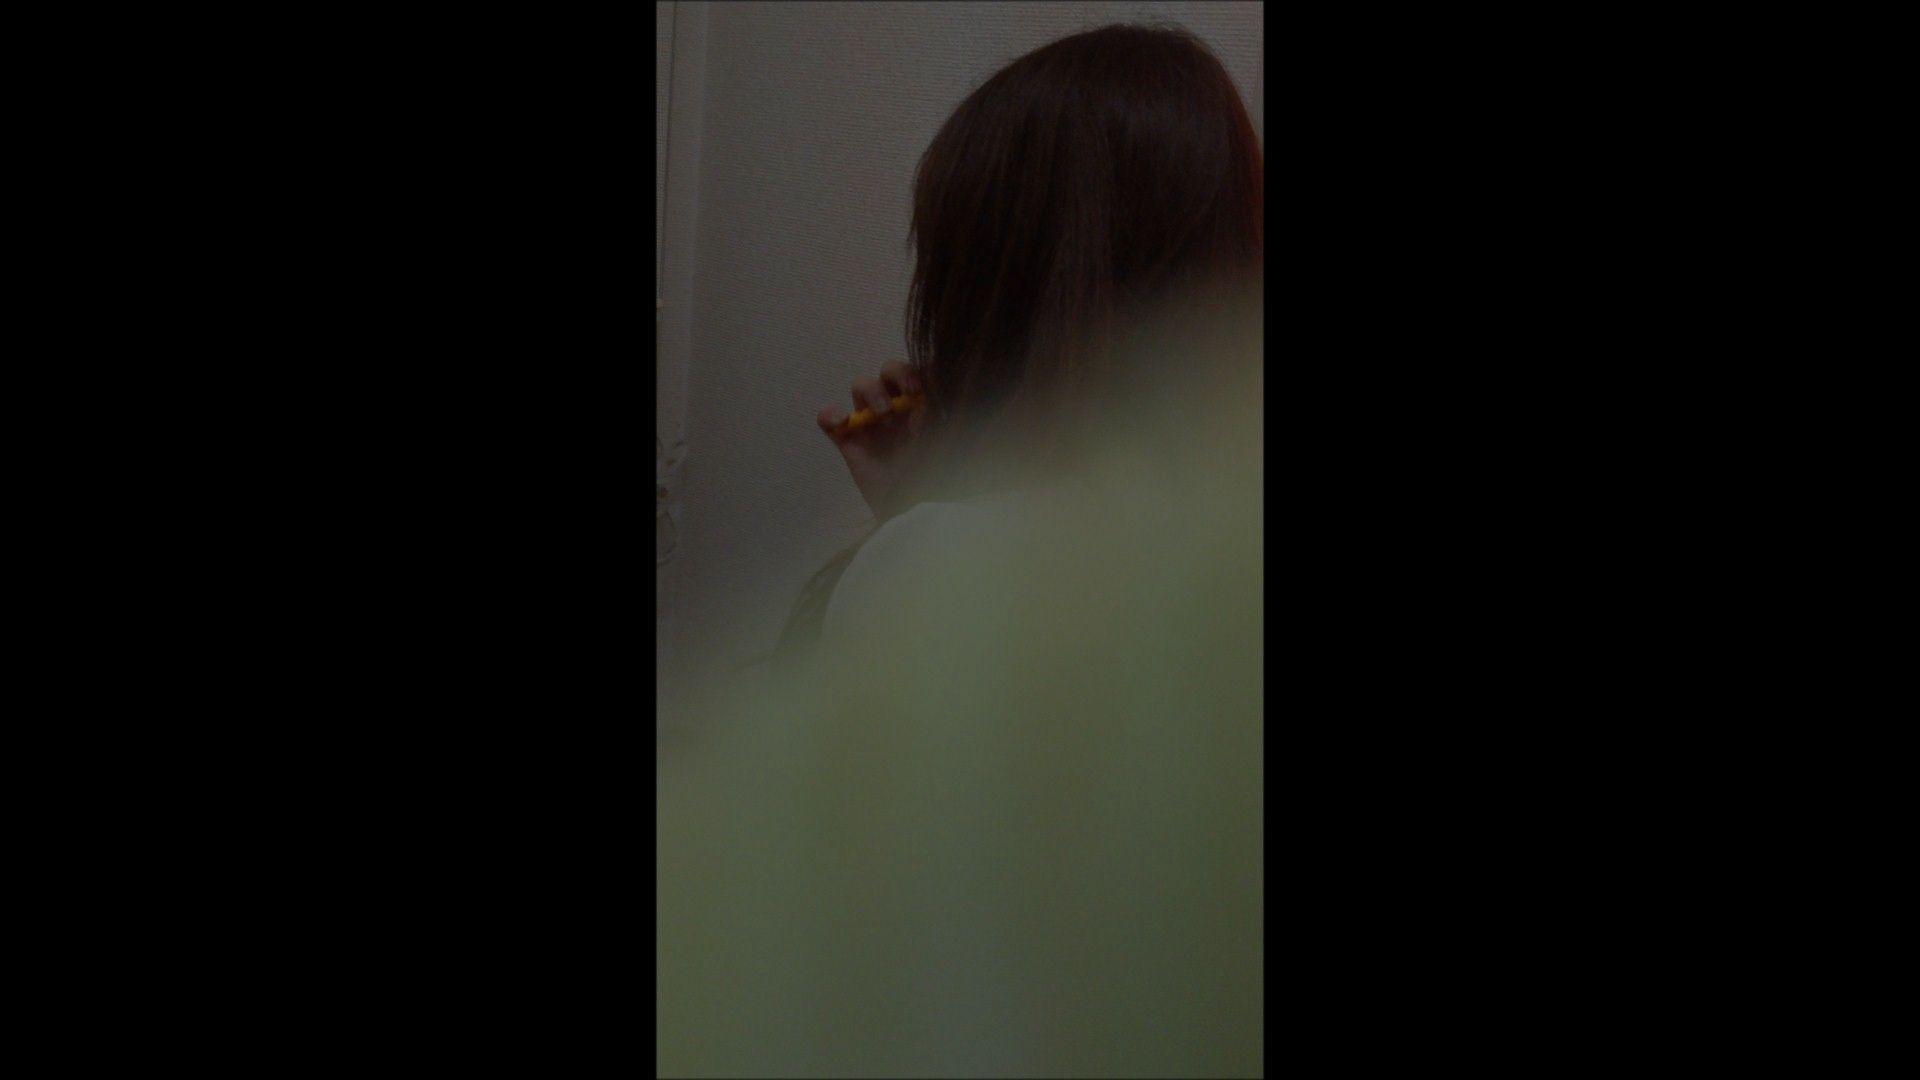 08(8日目)メイク中の彼女の顔を撮りました! マンコ特集 | オマンコ丸見え  59連発 30